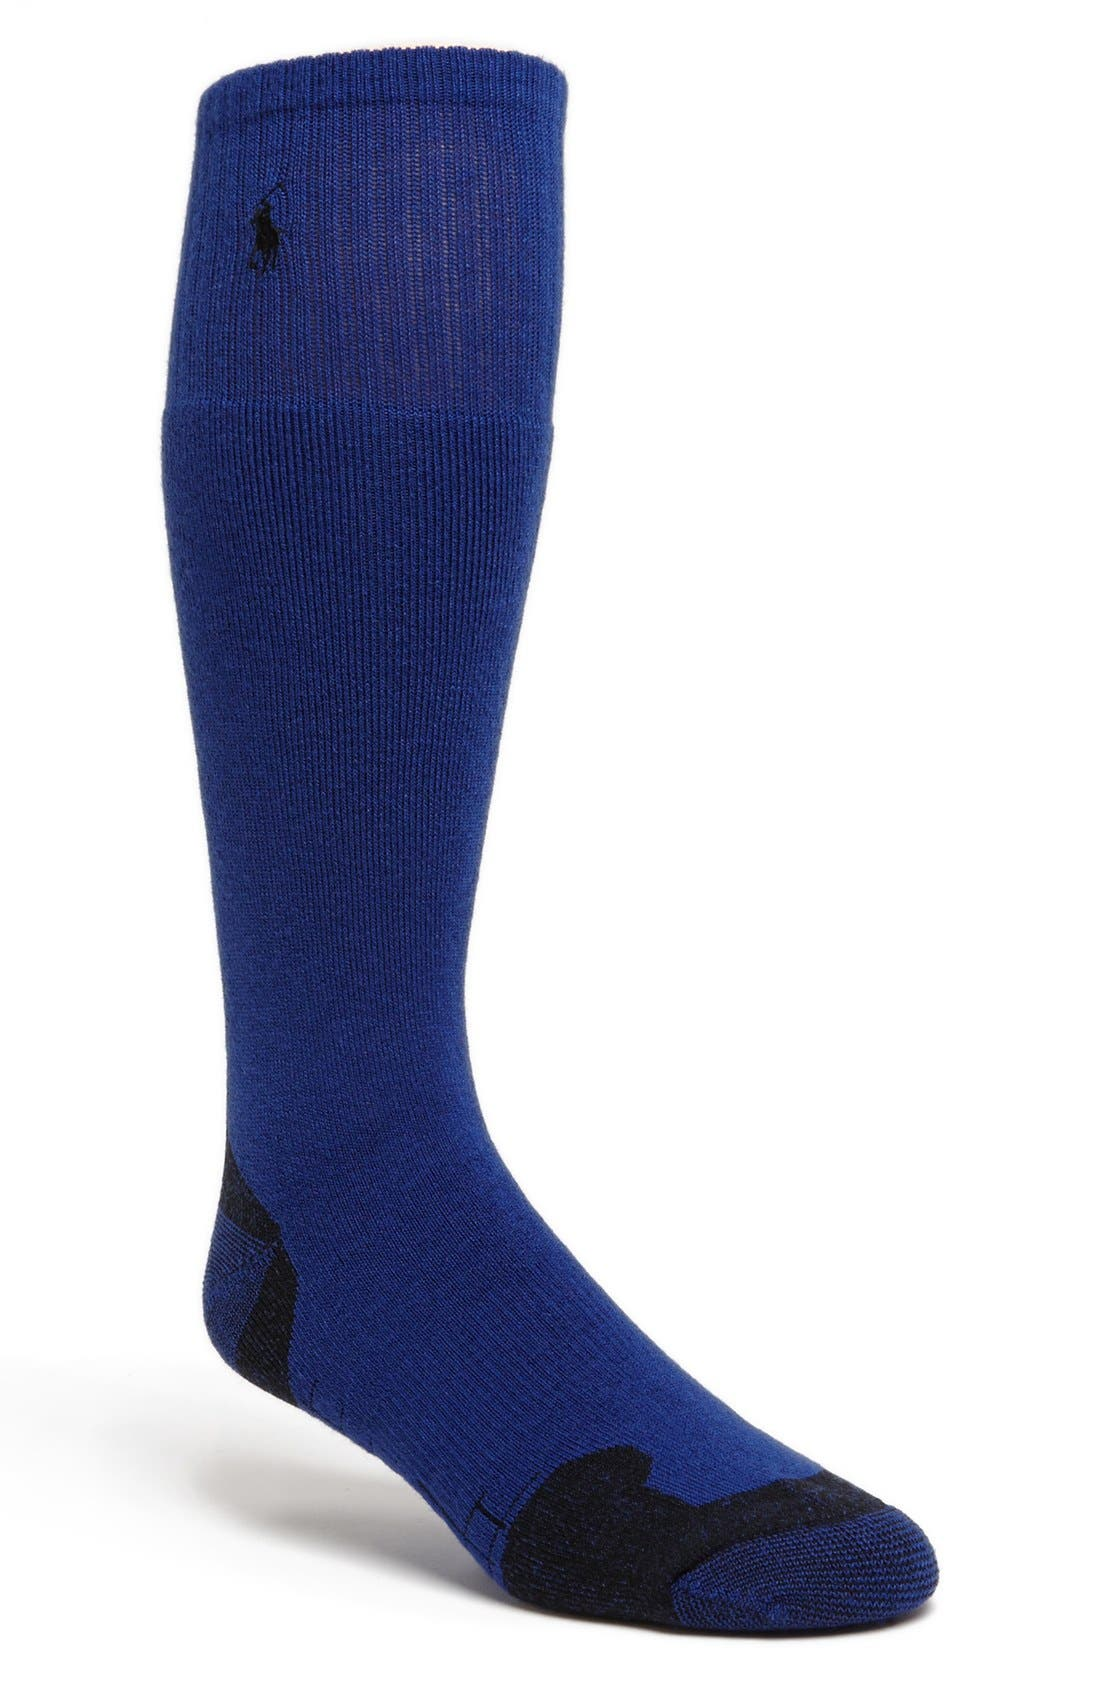 Alternate Image 1 Selected - Polo Ralph Lauren 'Player Pony' Socks